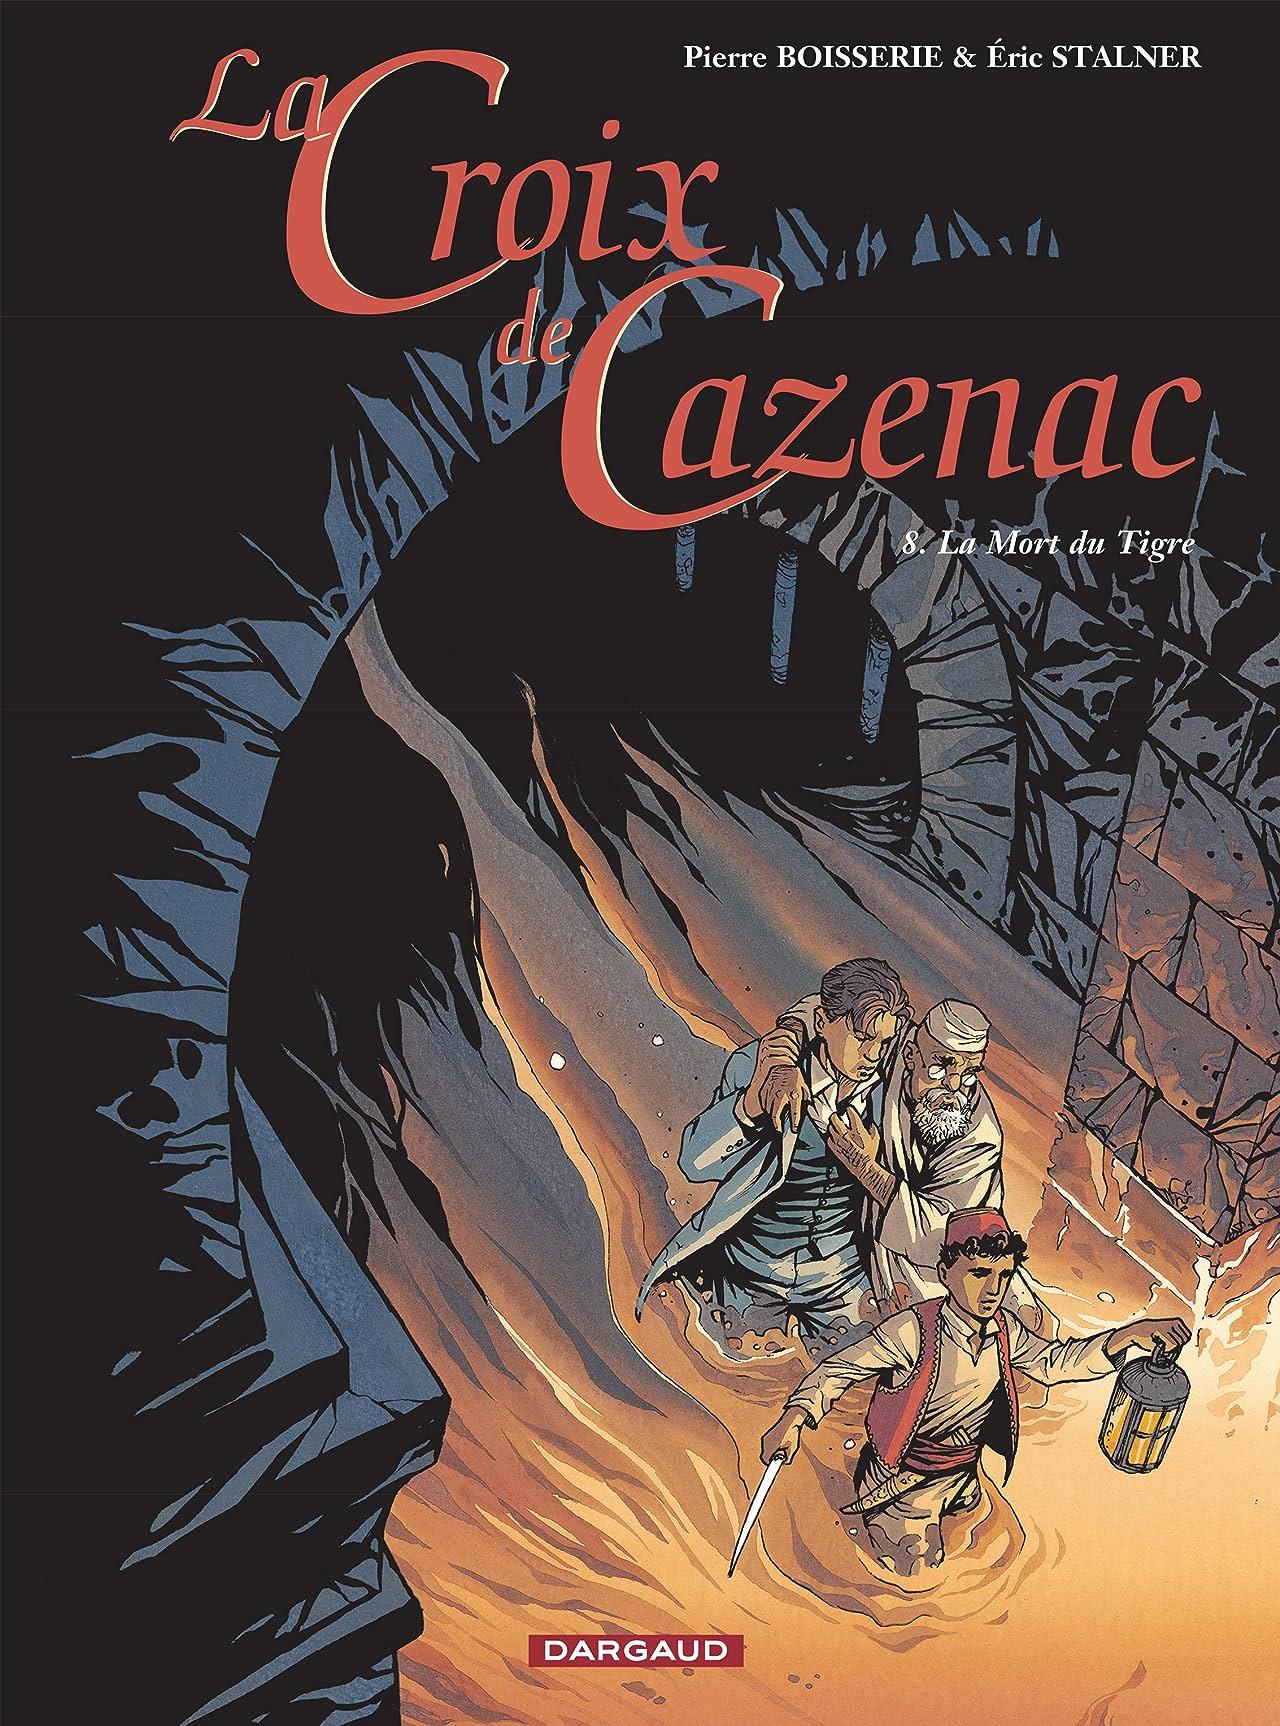 La Croix de Cazenac Vol. 8: La Mort du Tigre